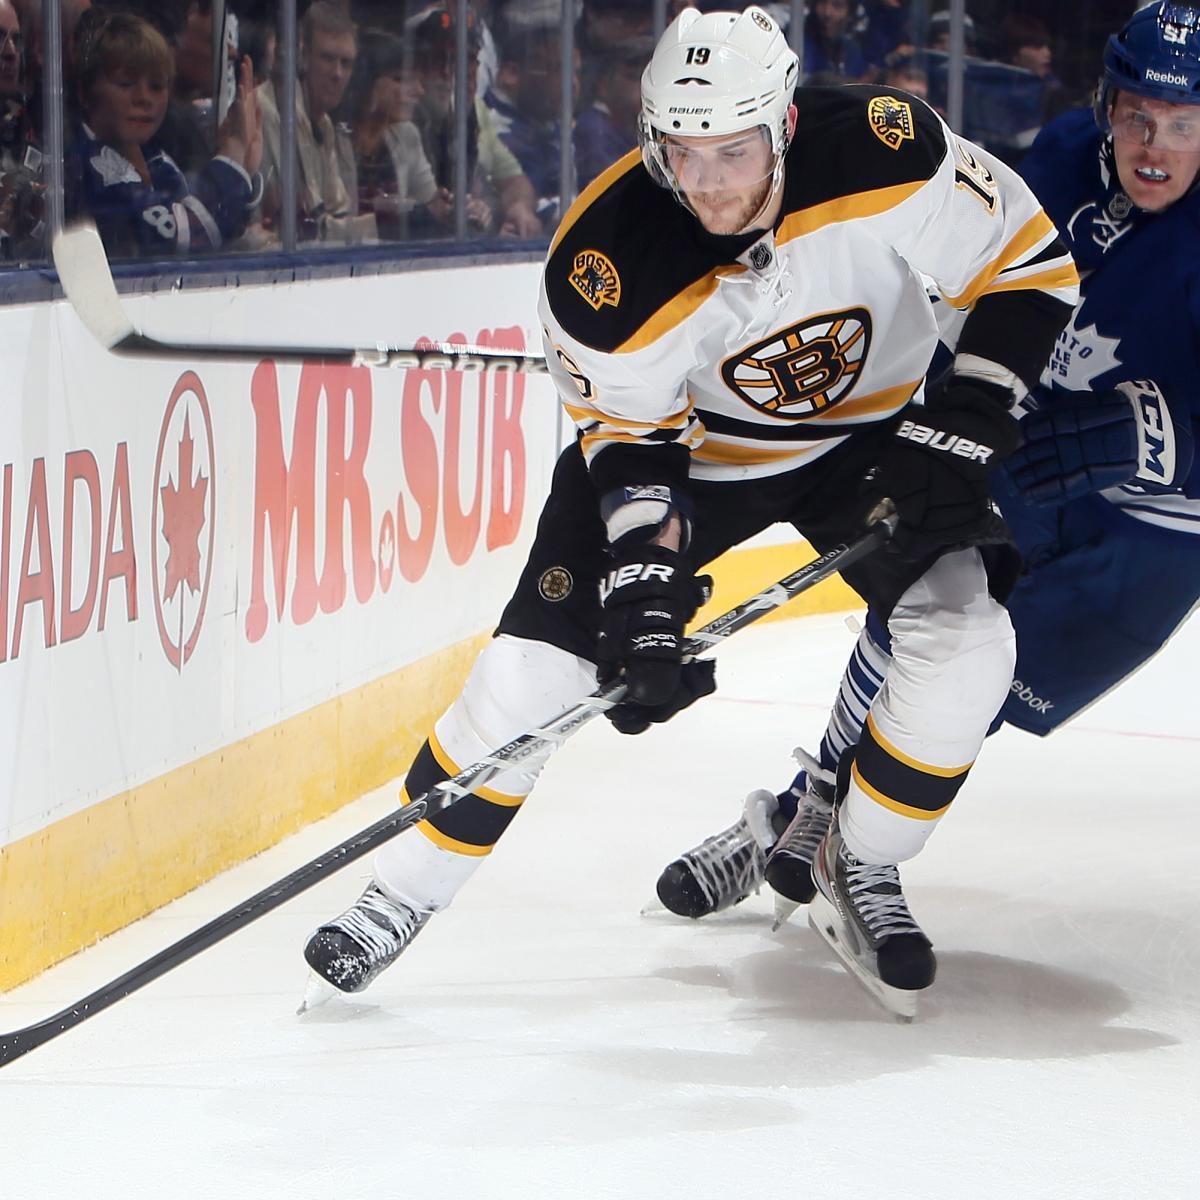 Boston Bruins Vs. Toronto Maple Leafs Game 6: Live Score